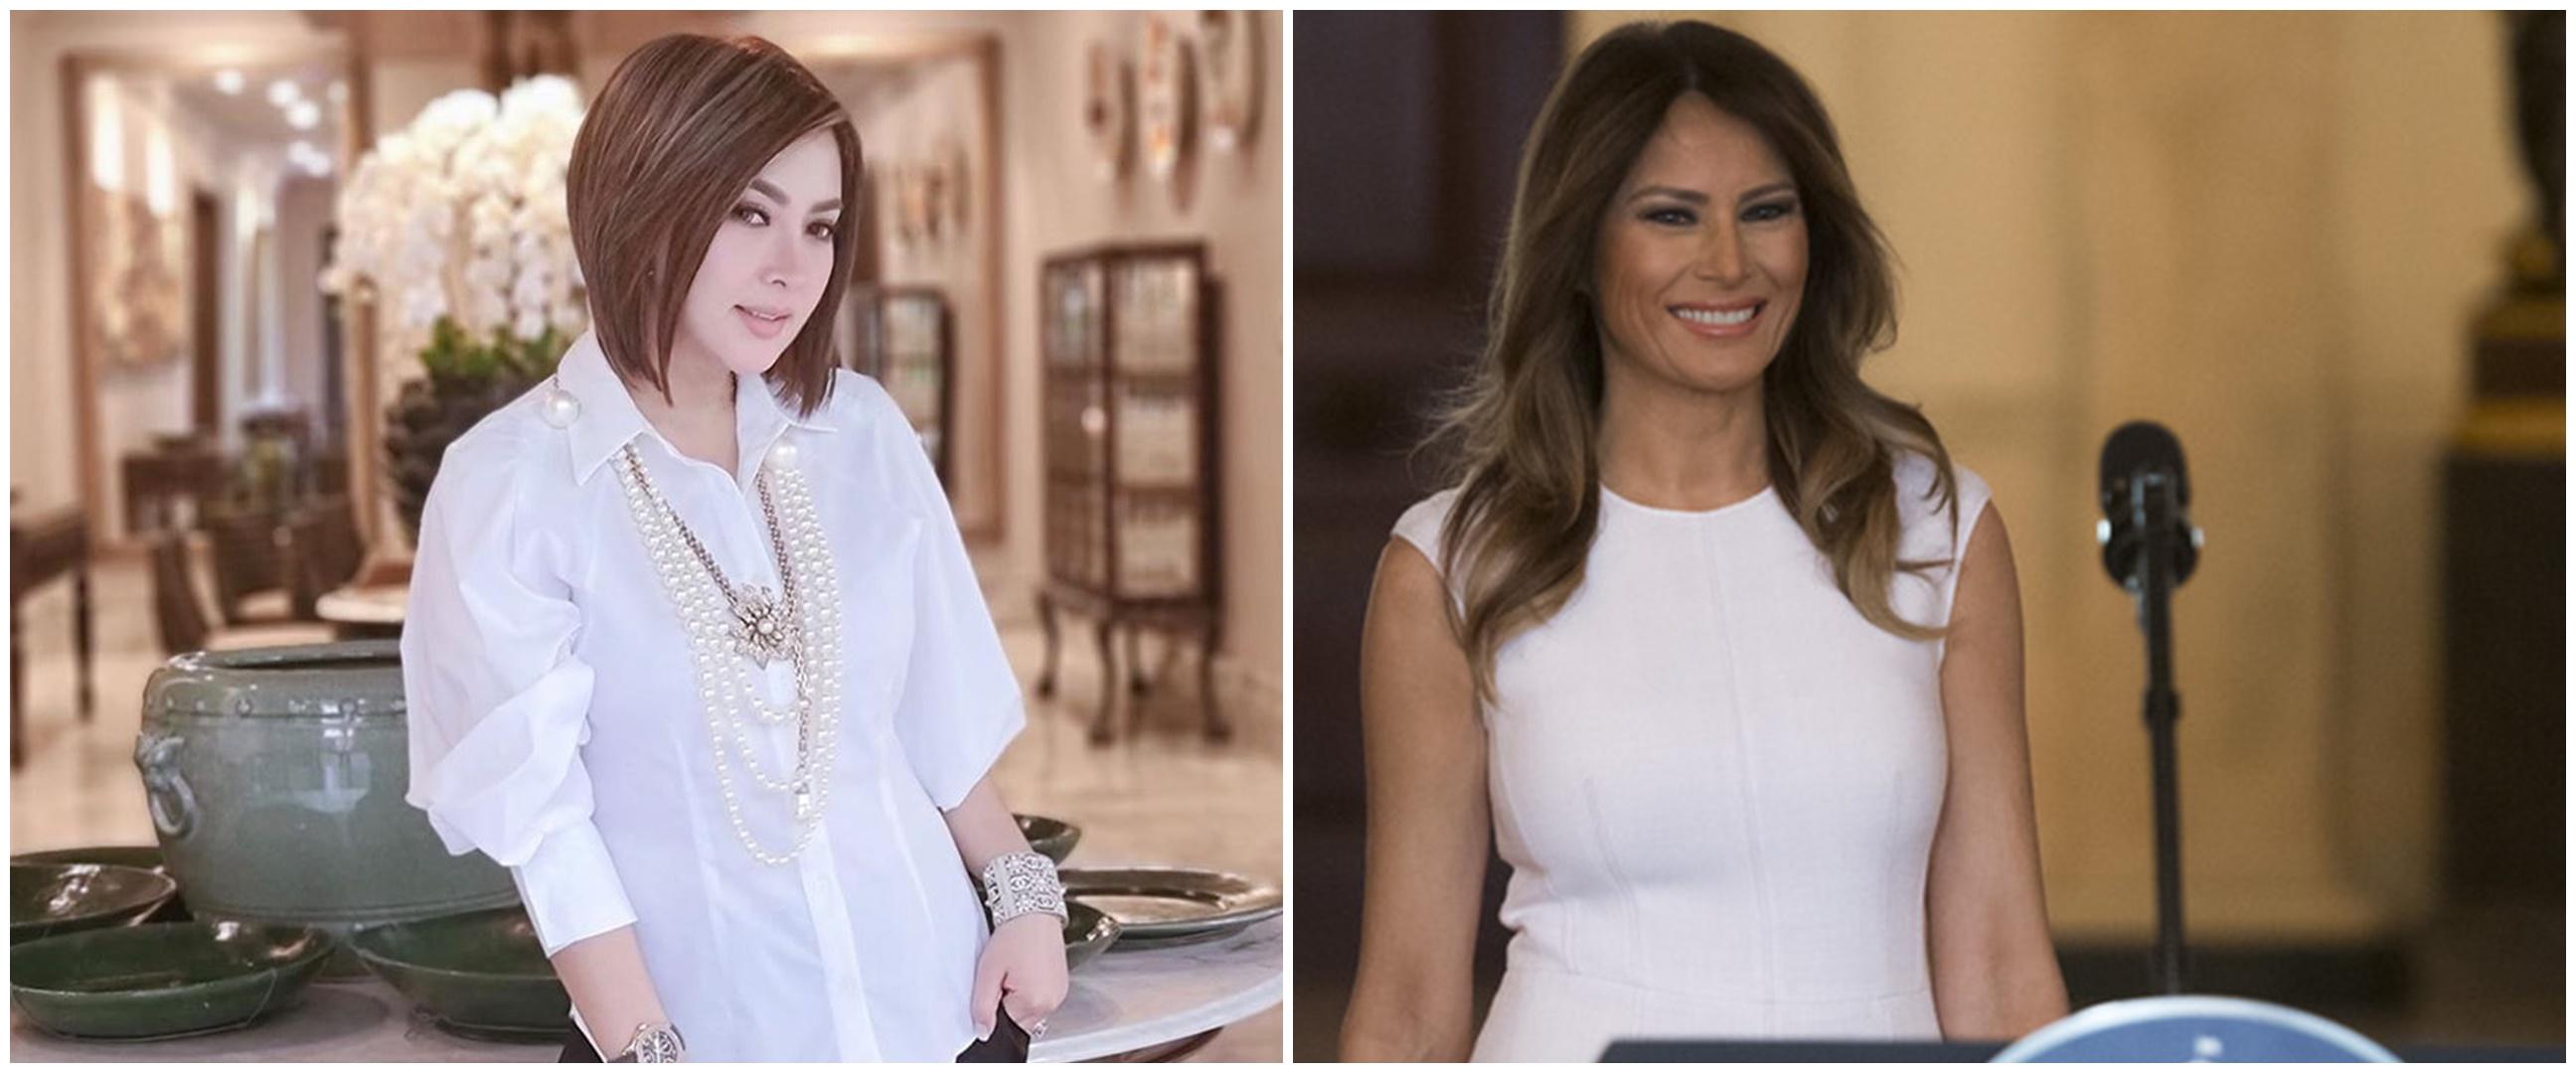 Momen Syahrini kenakan pakaian kembar Melania Trump, curi perhatian